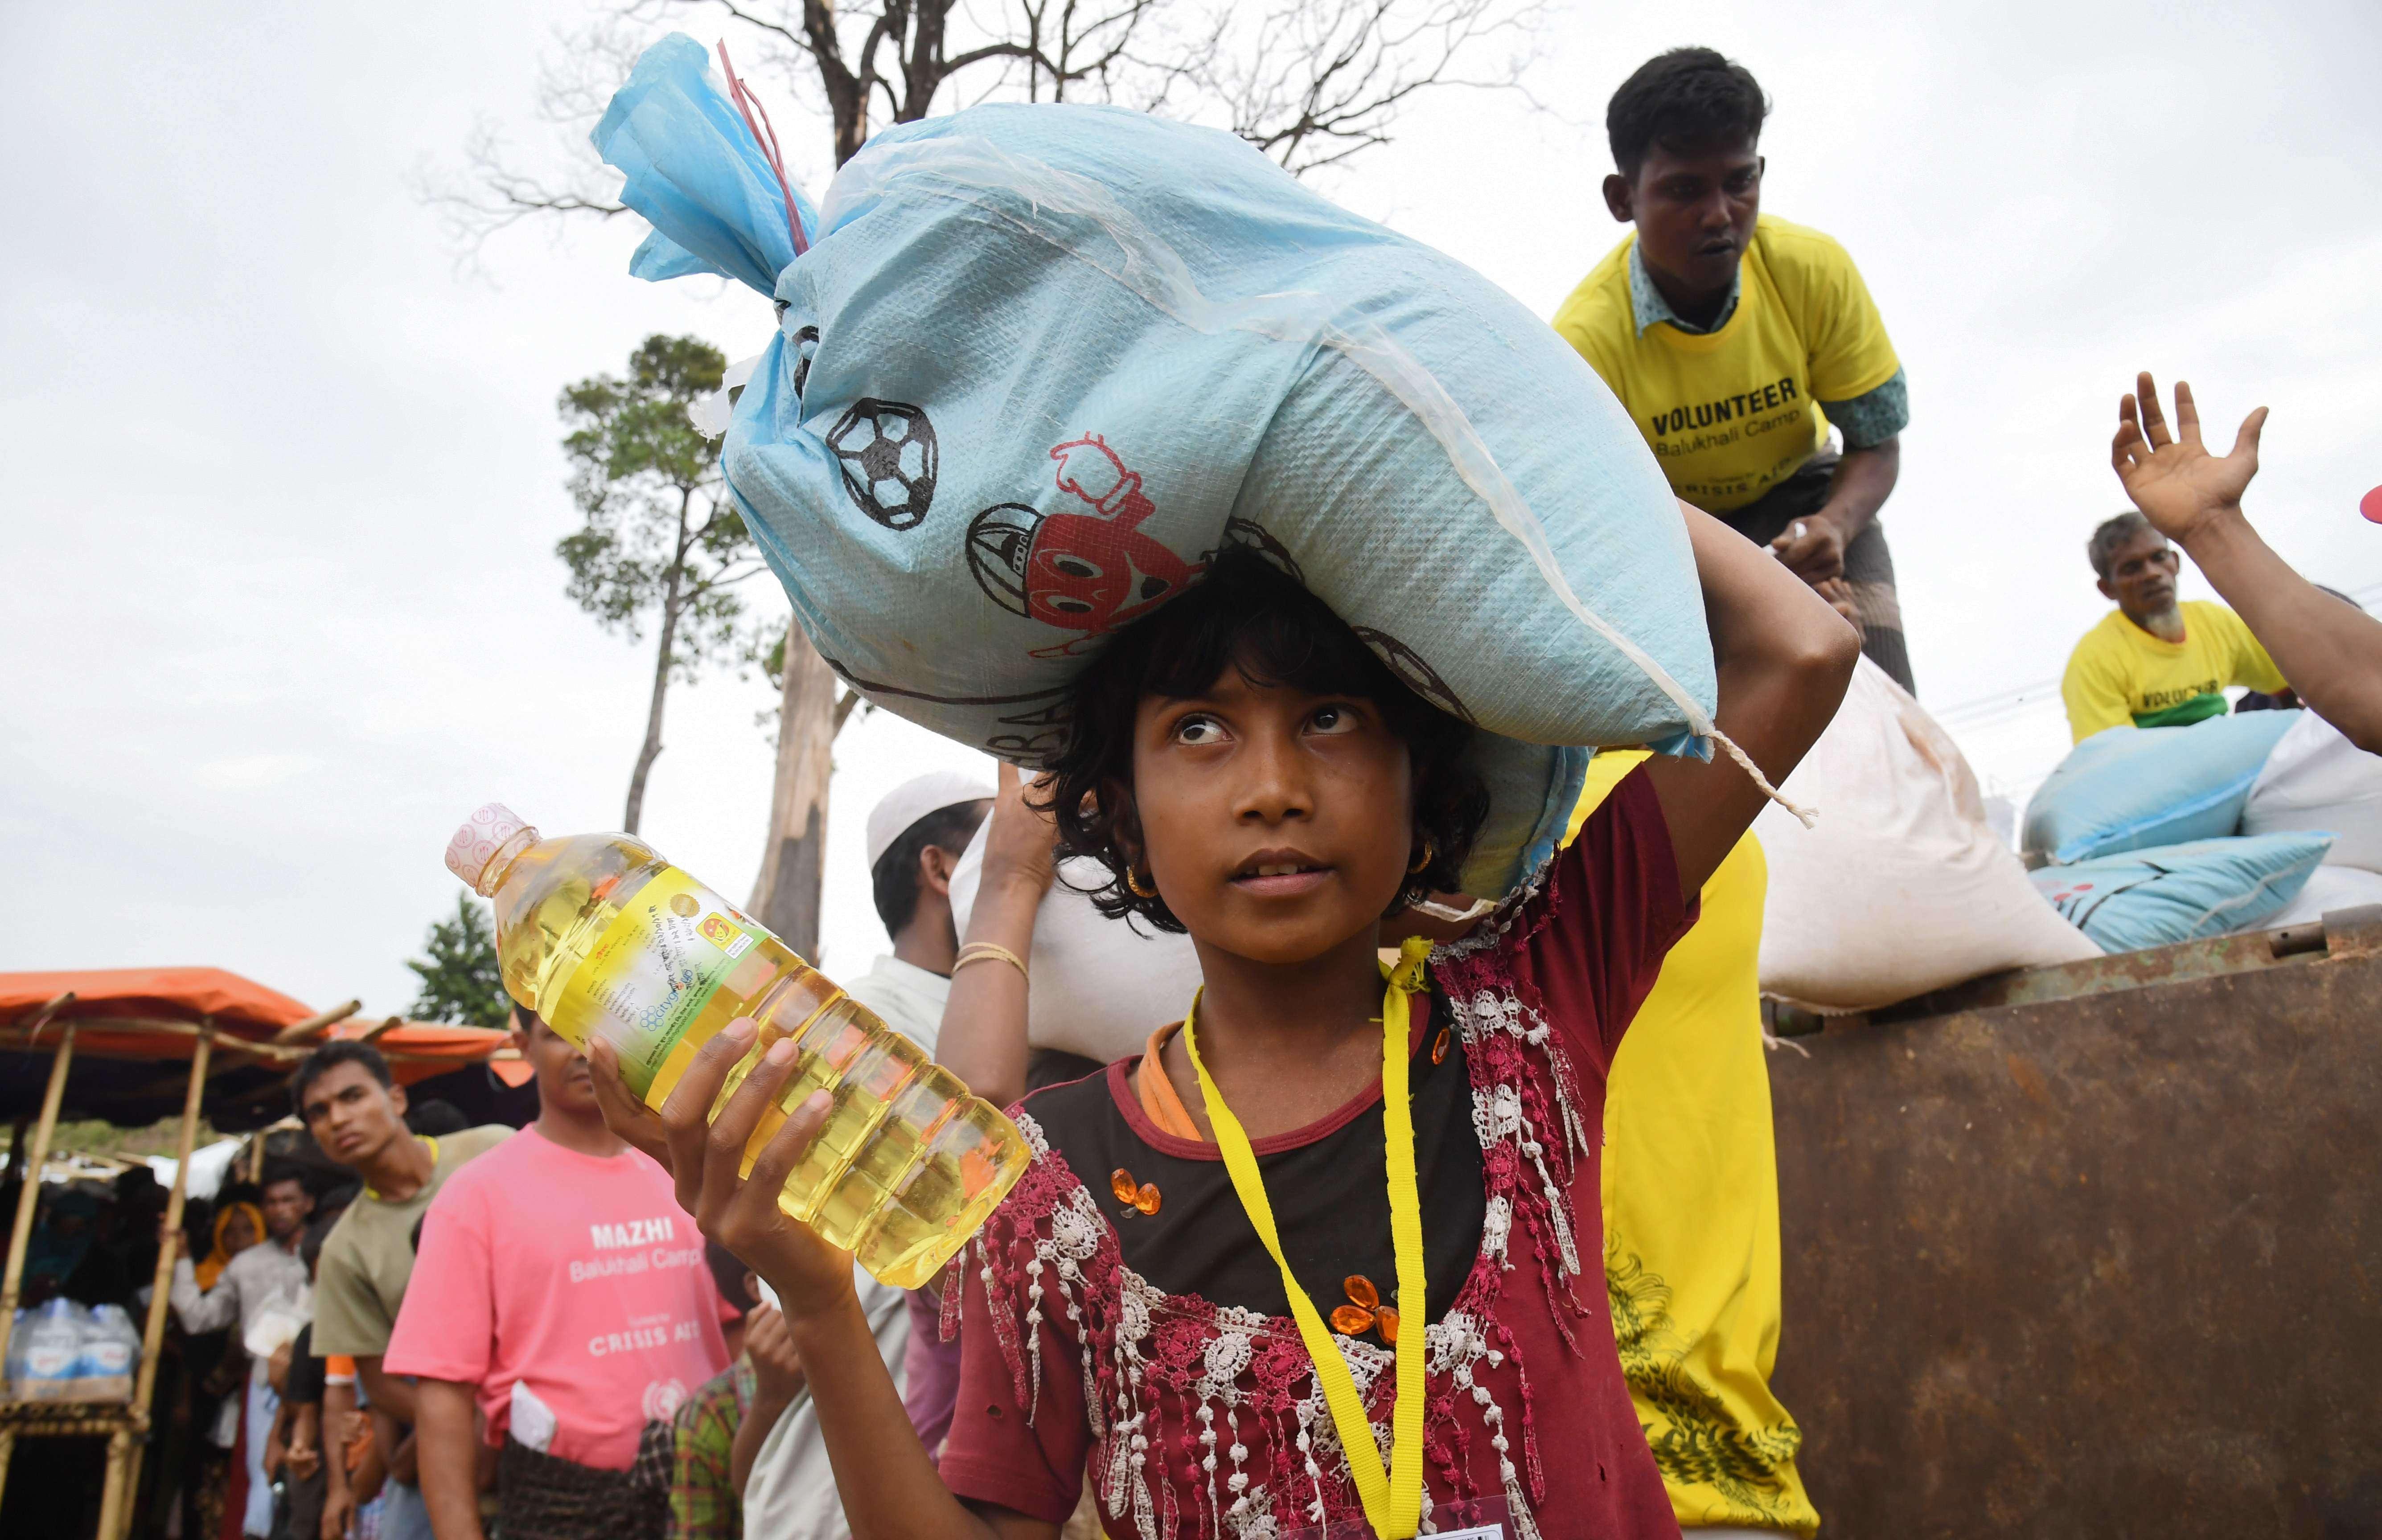 Un enfant récupère de la nourriture au camp de réfugiés de Thainkhali, le 1er novembre.